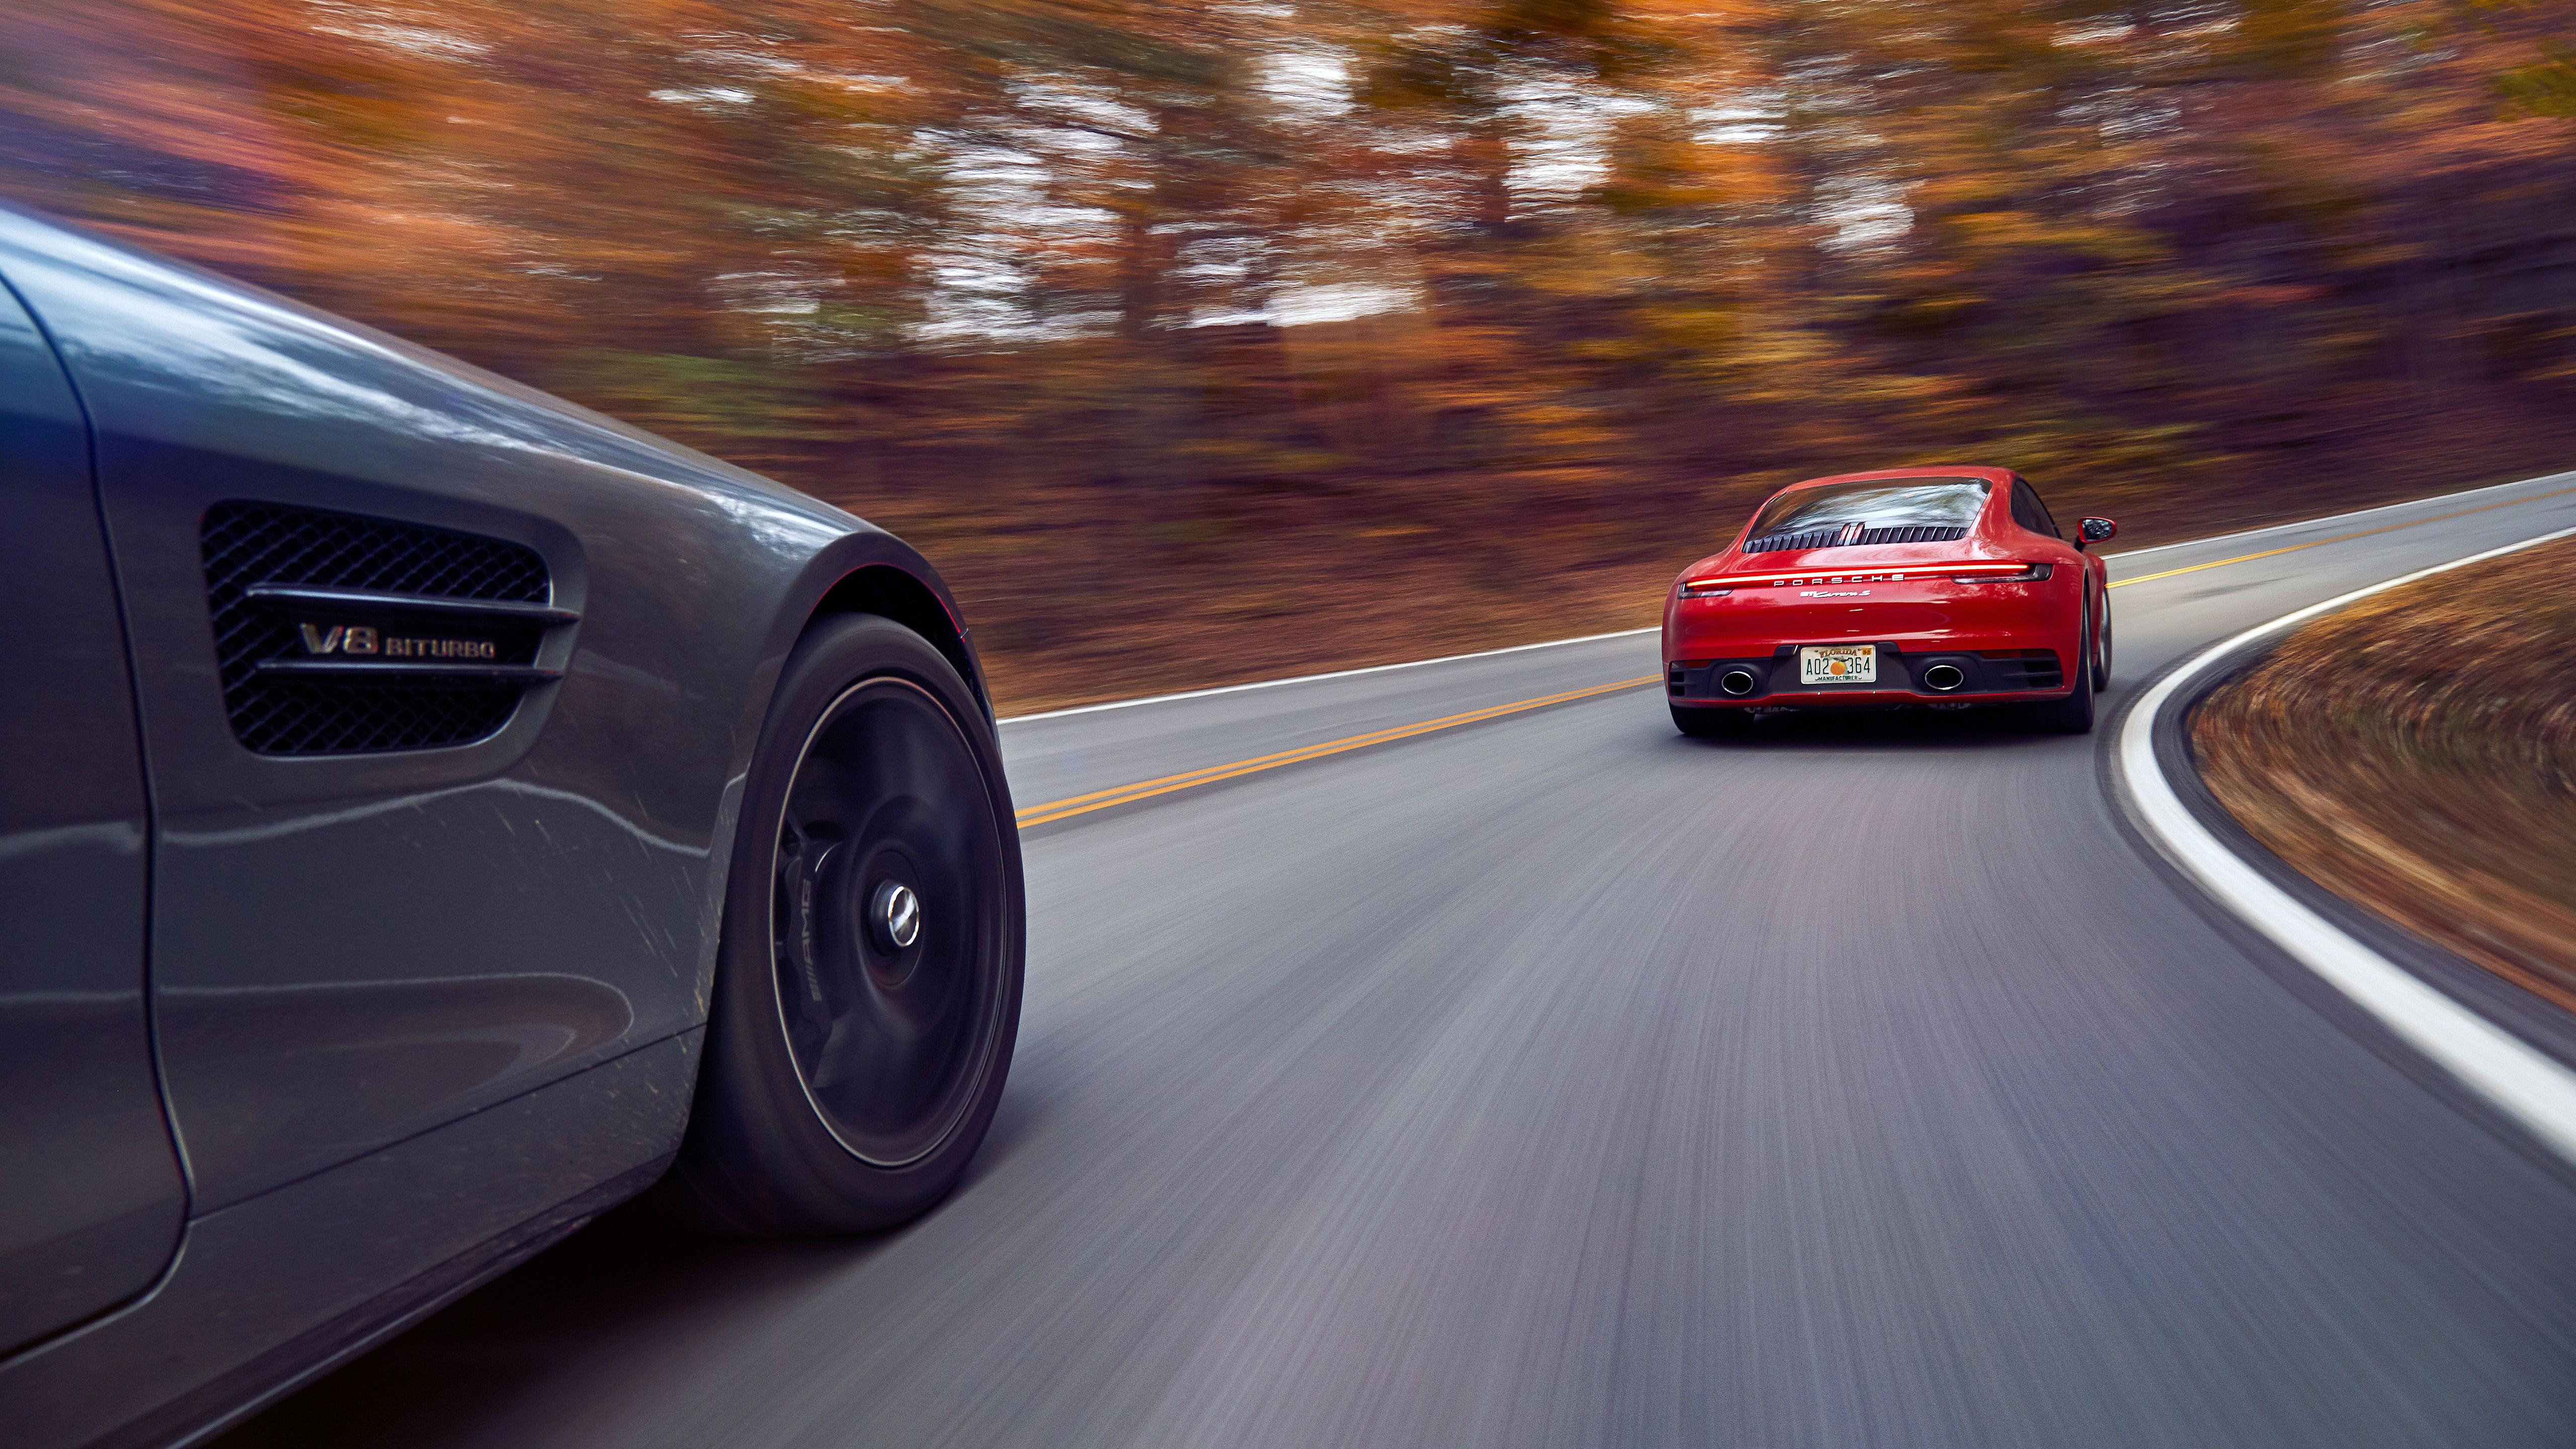 2020 Porsche 911 Carrera S 4k 2 Wallpaper Hd Car Wallpapers Id 14063